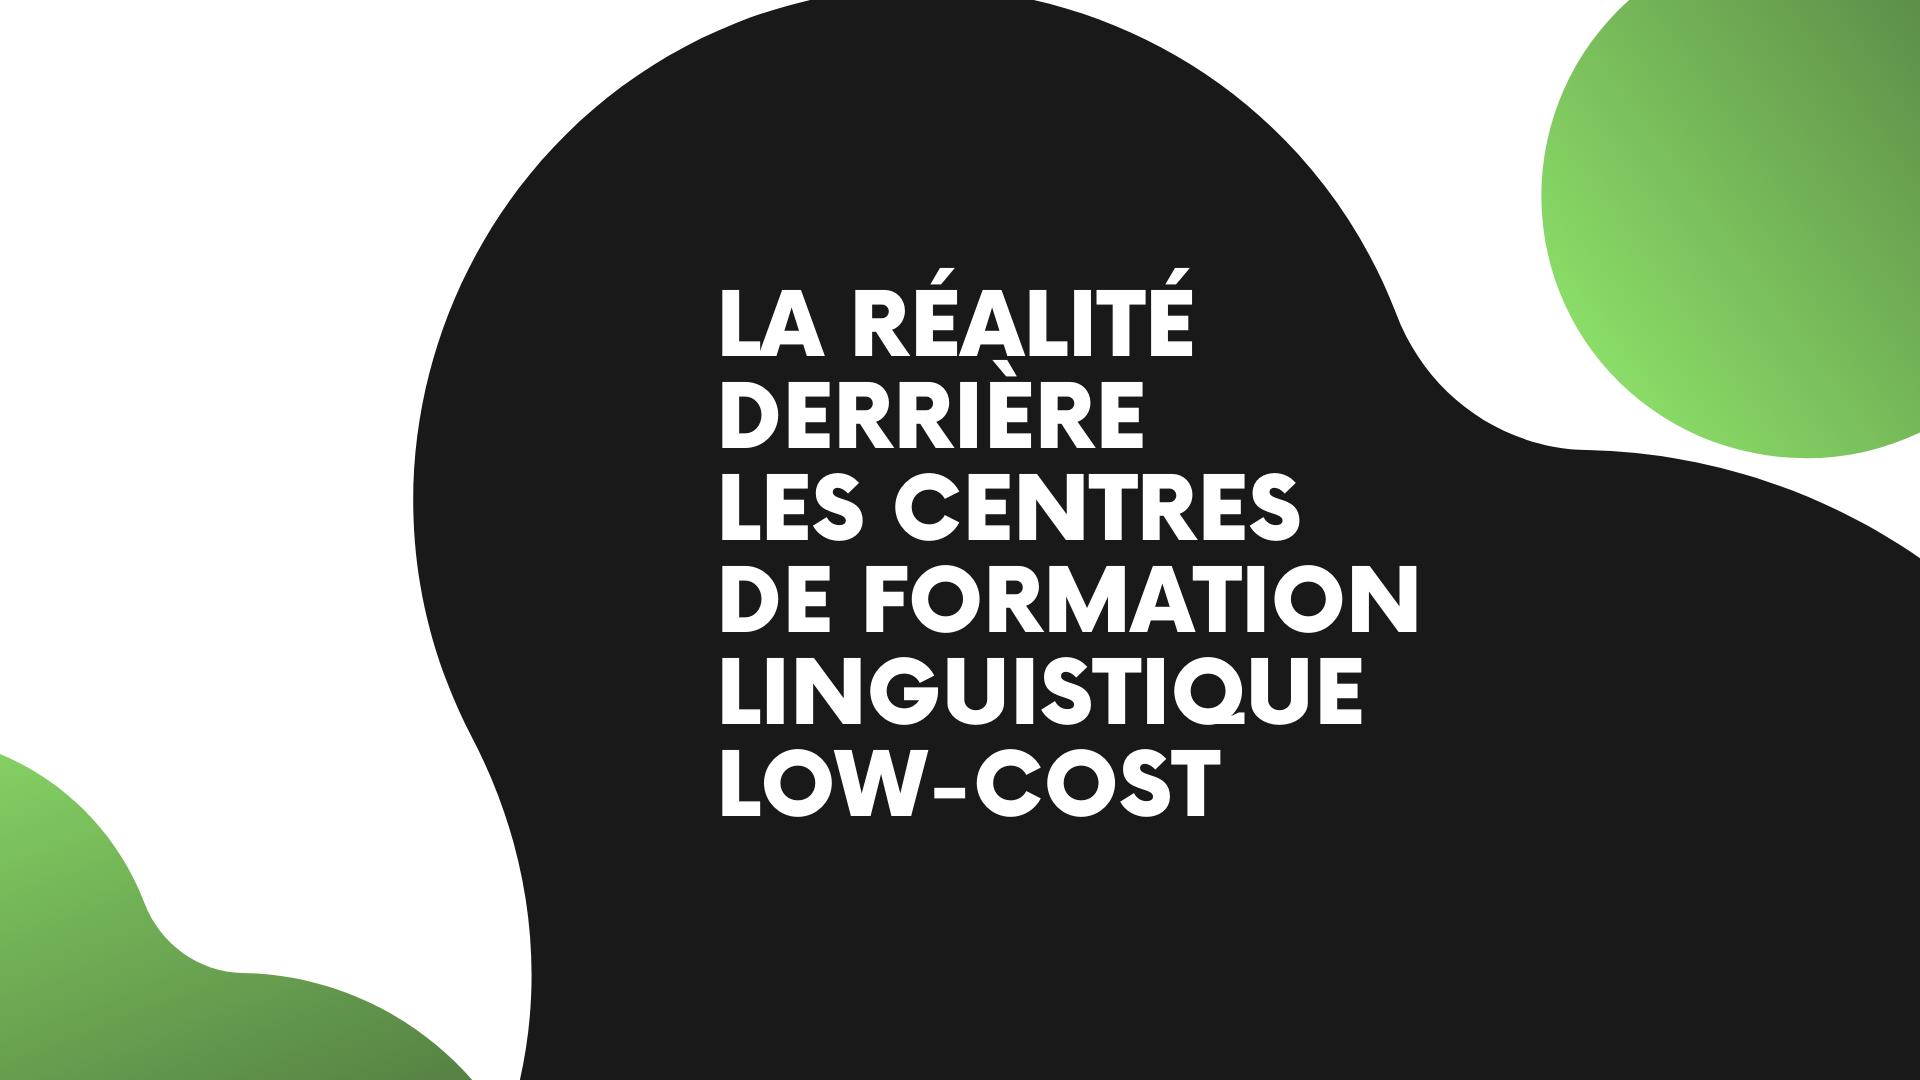 la réalité derrière les centres de formation linguistiques low-cost